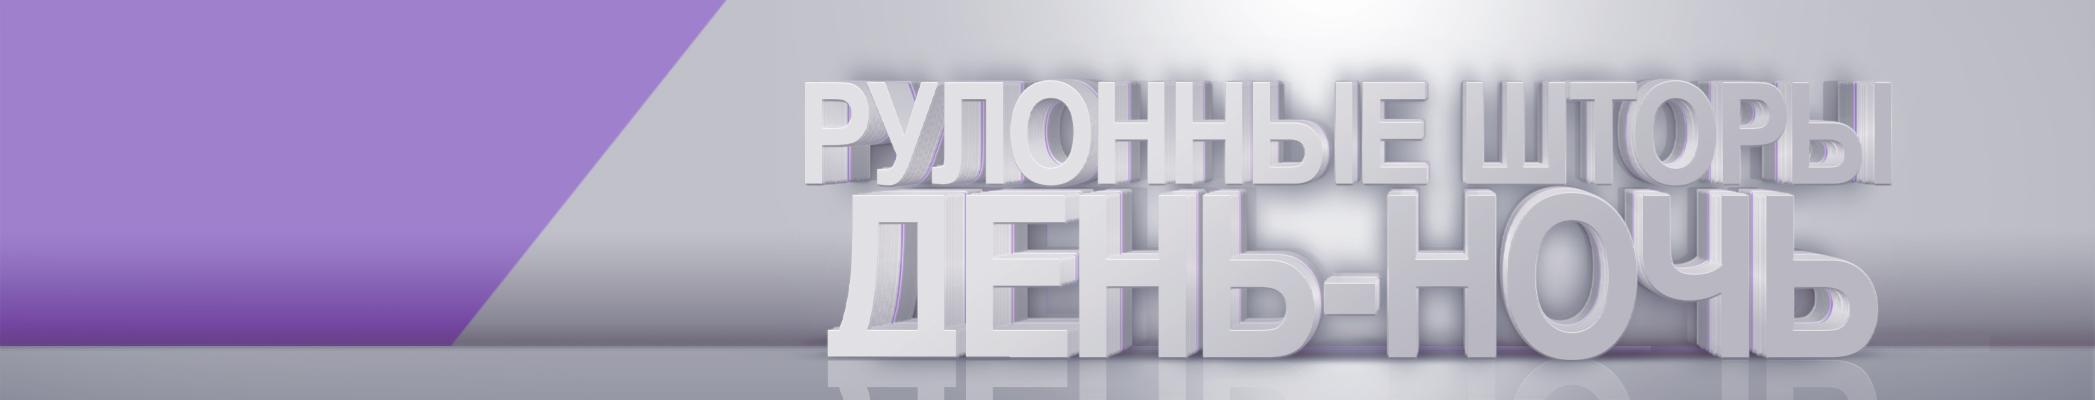 Евроокна - Рулонные шторы День-Ночь